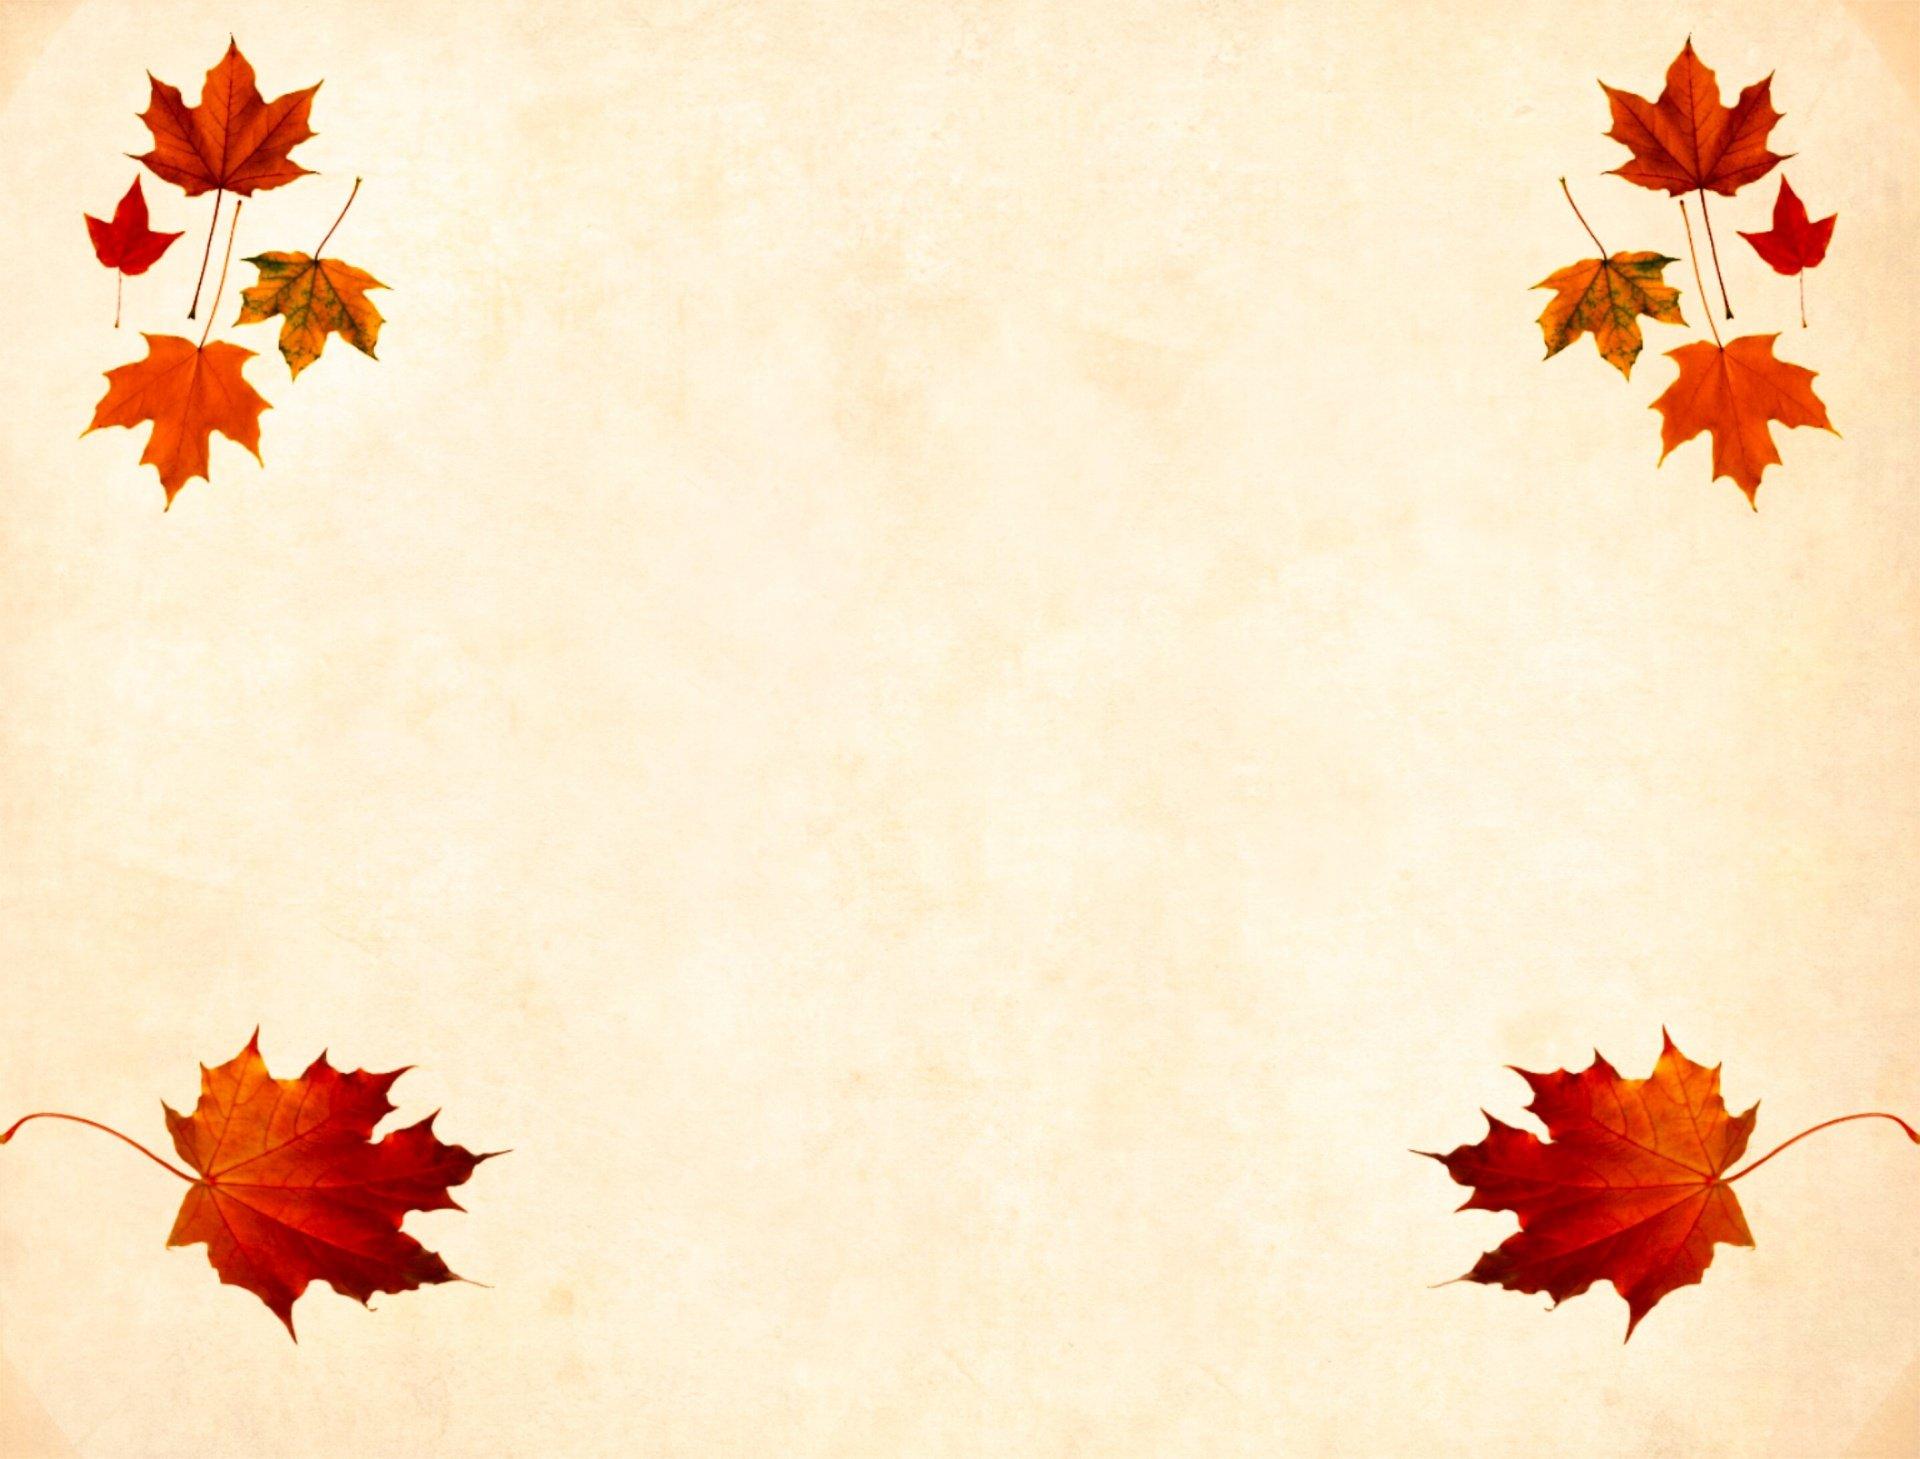 фон про осень для презентации шарообразных или направленных